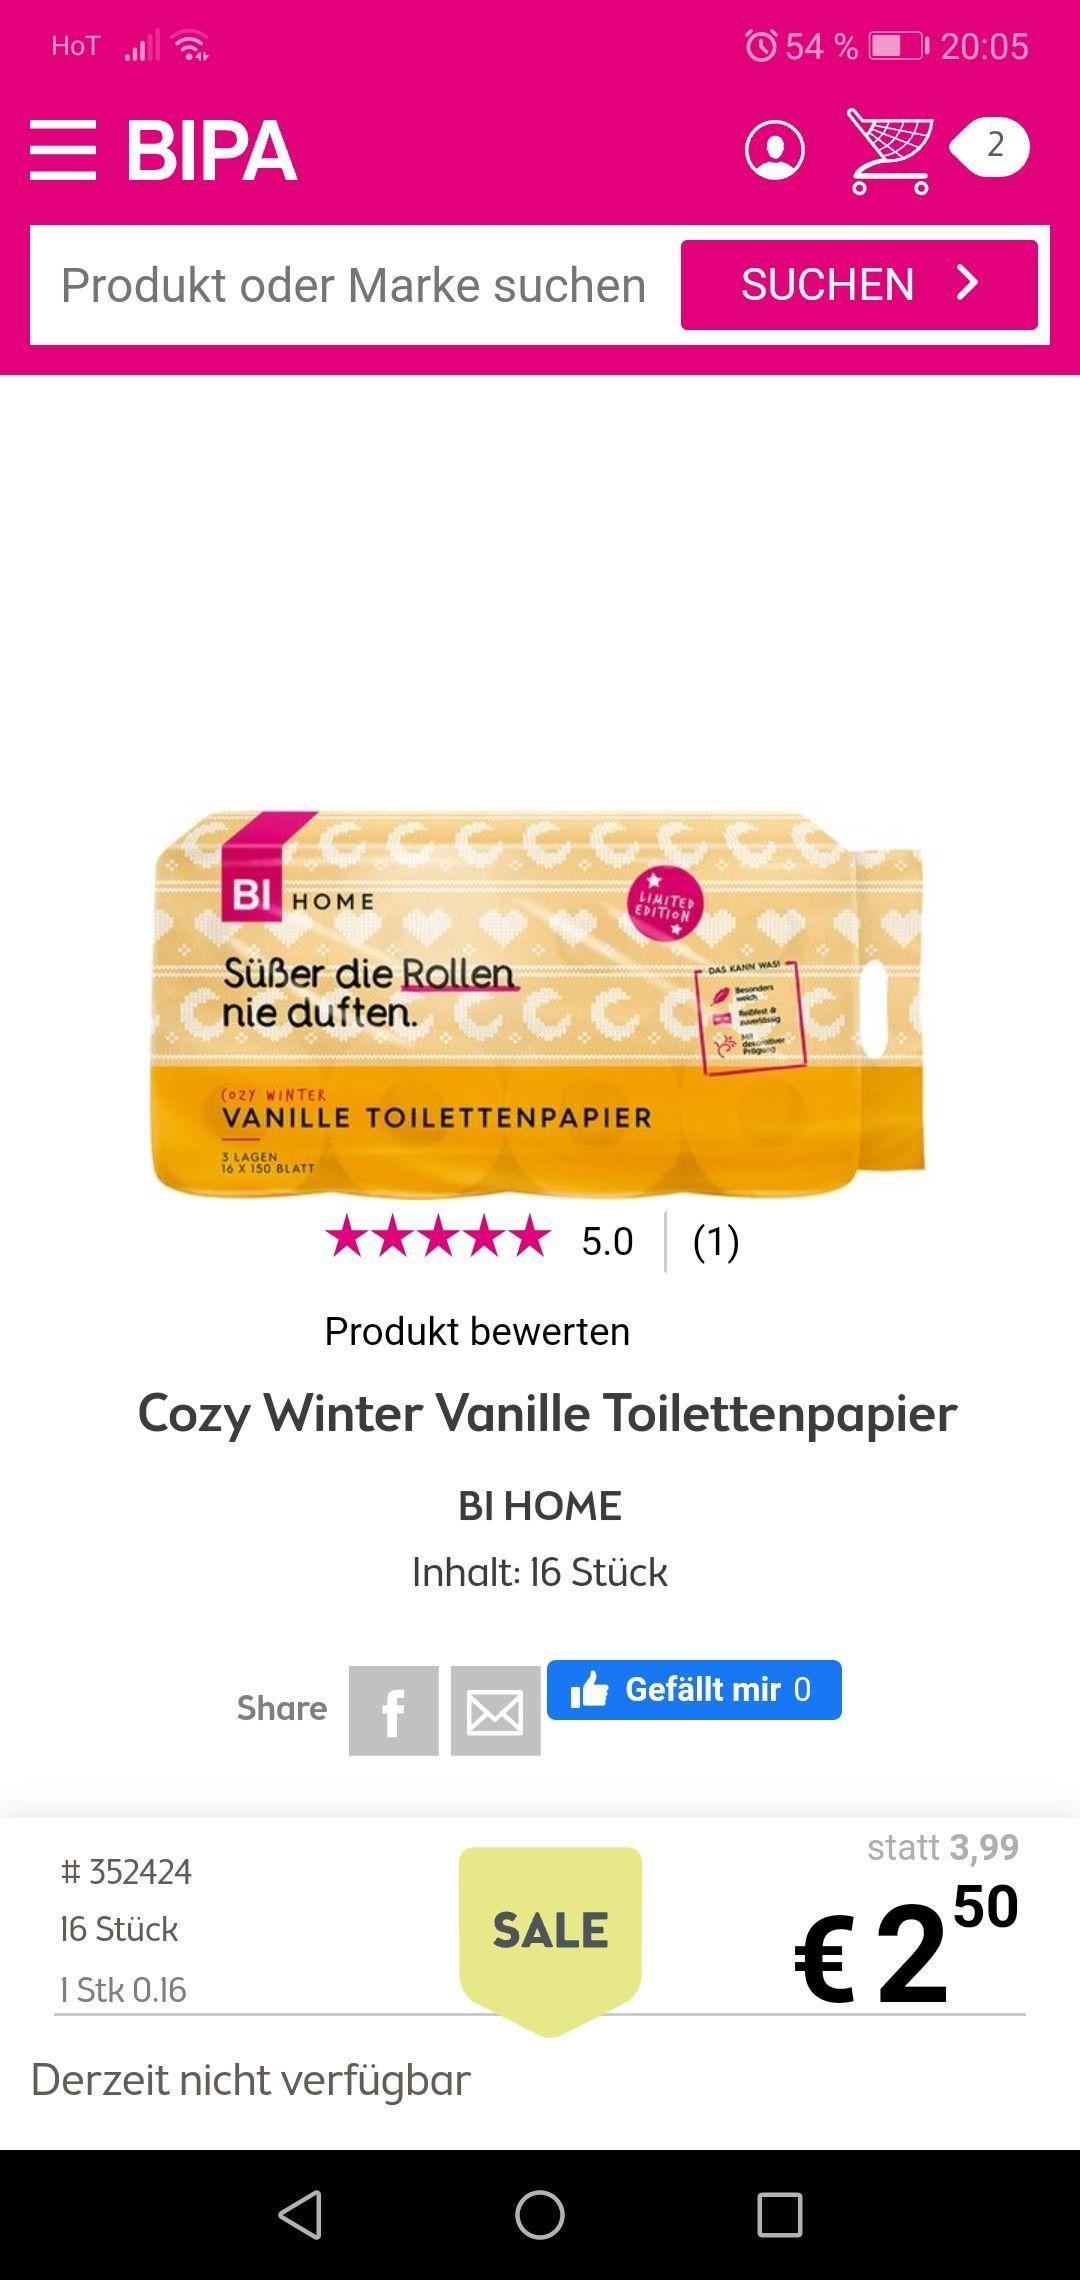 Bipa winter vanille toilettenpapier 16 Stück zum Bestpreis